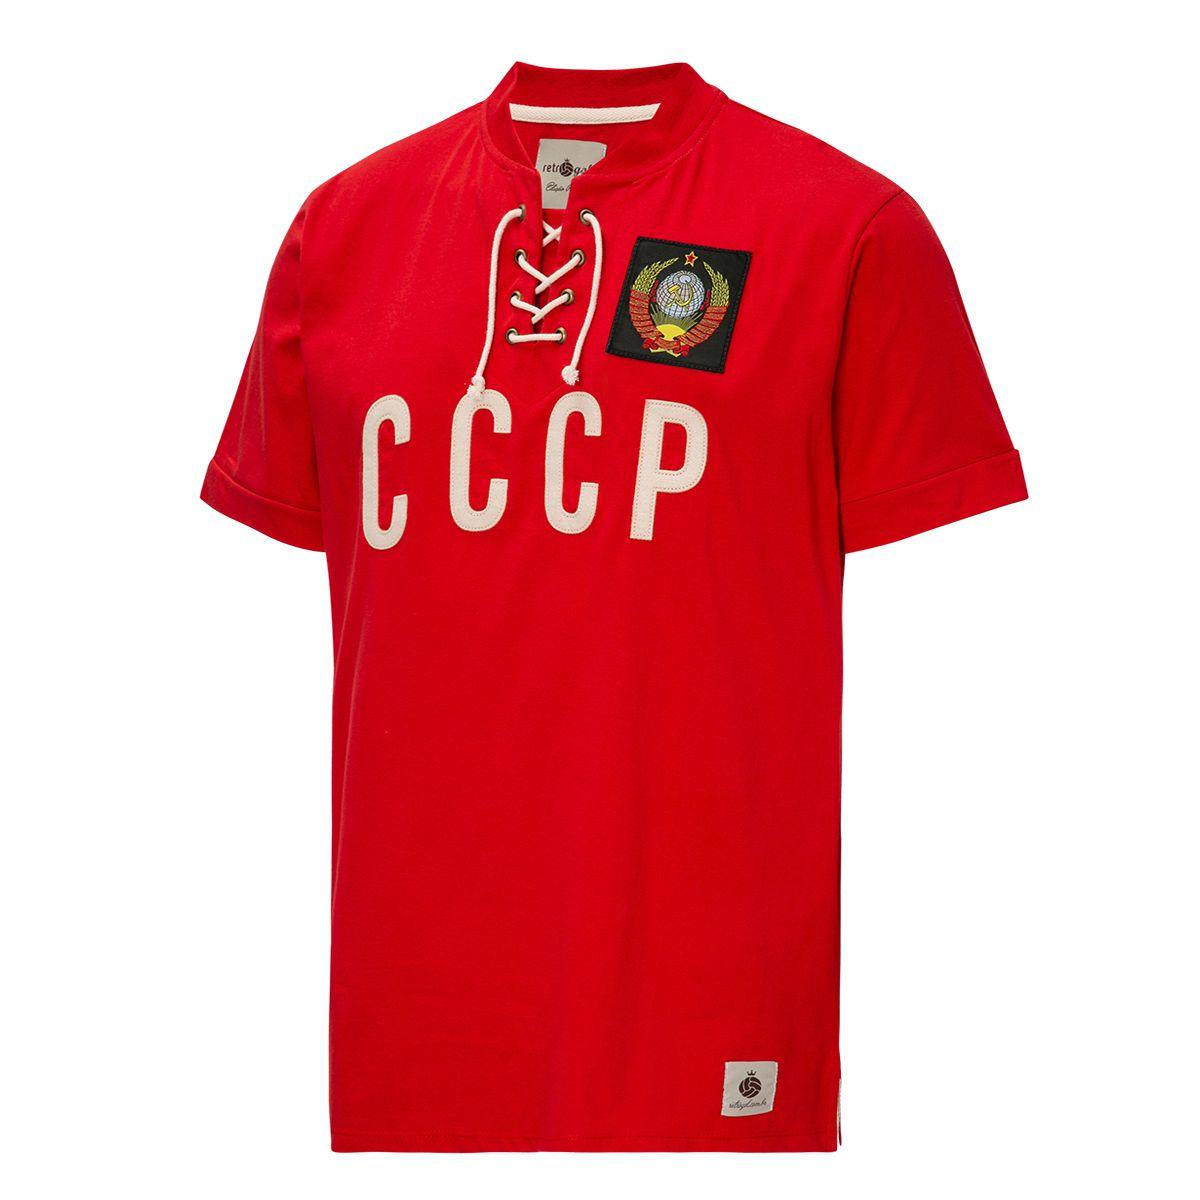 Camisa CCCP Retrô Corda União Soviética Vermelha